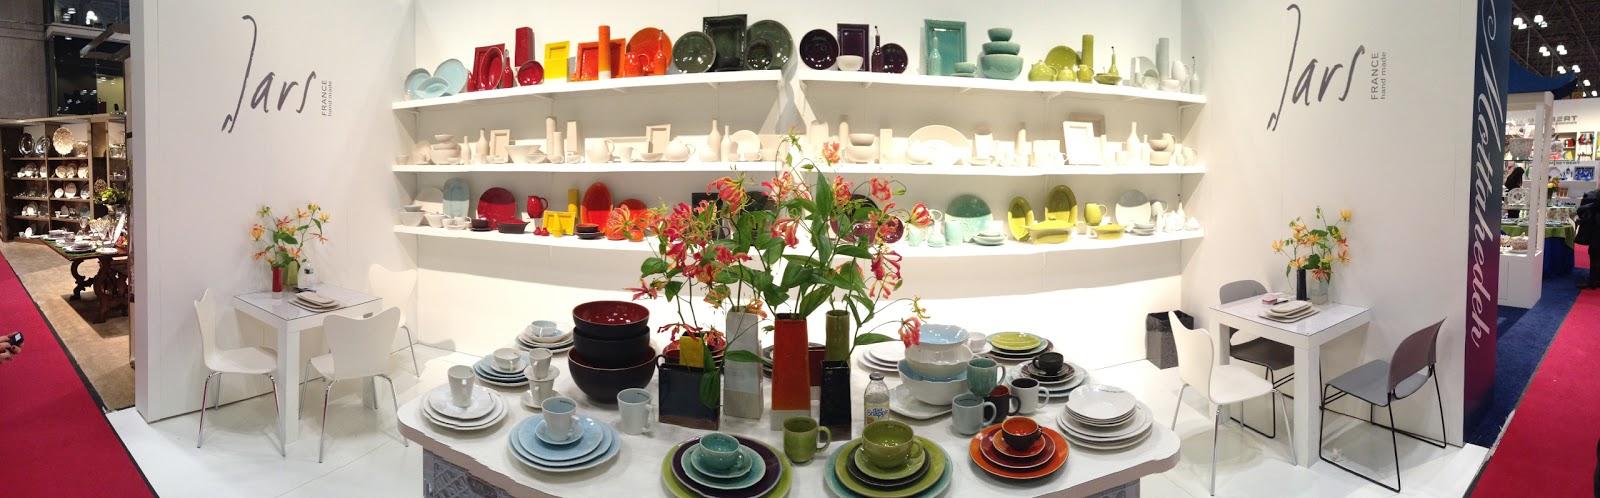 New york international gift fair january 2013 for New york international gift fair